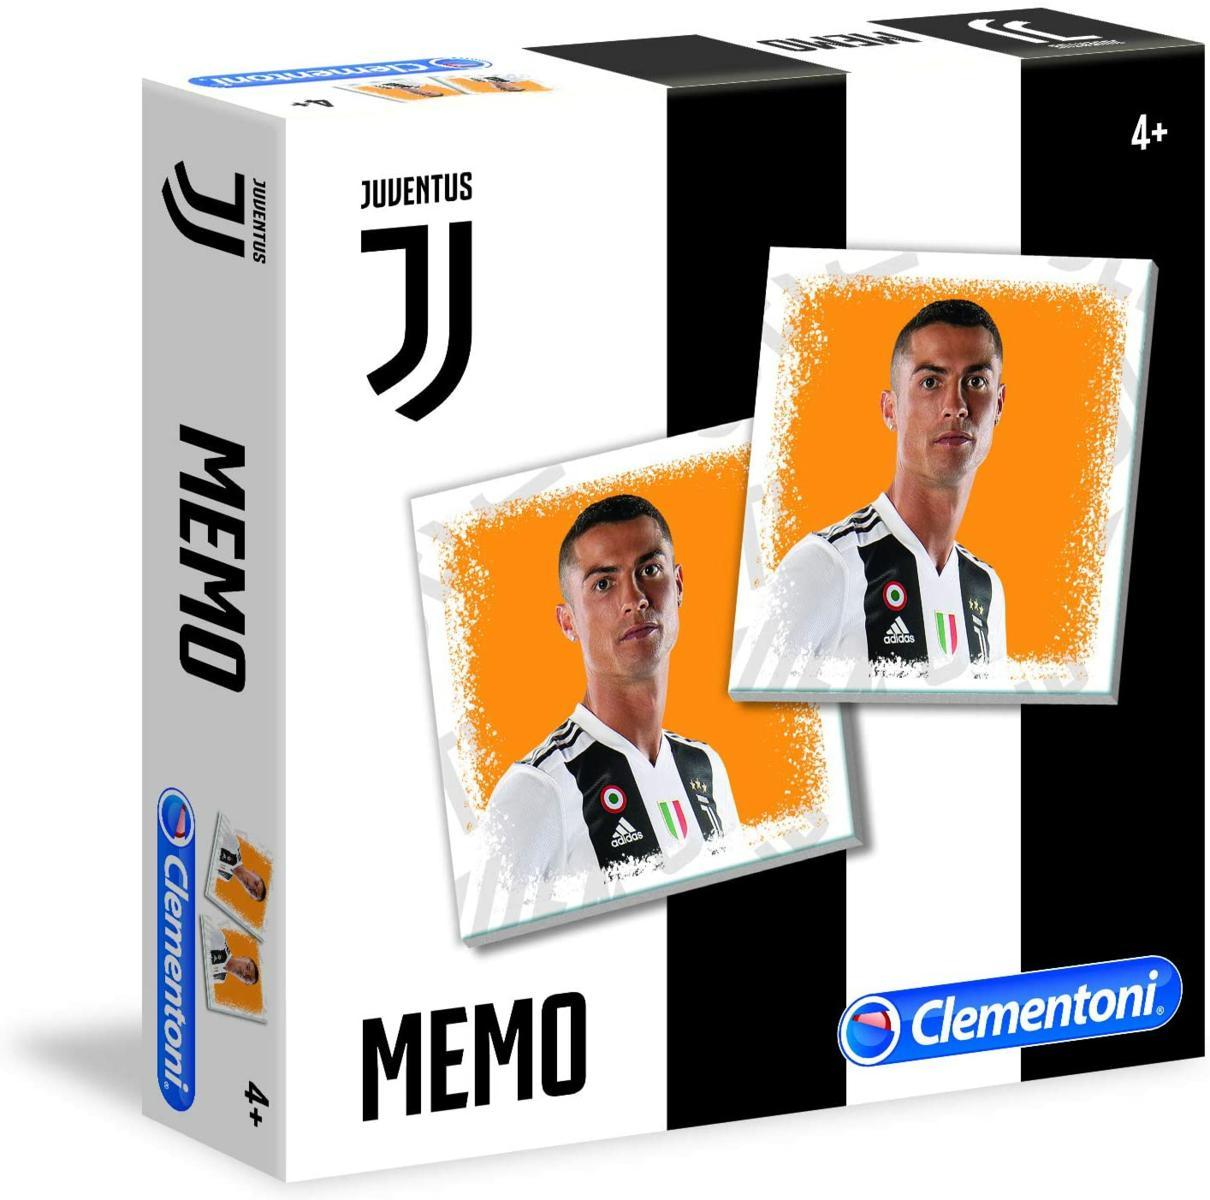 MEMO GAMES JUVENTUS CLEMENTONI